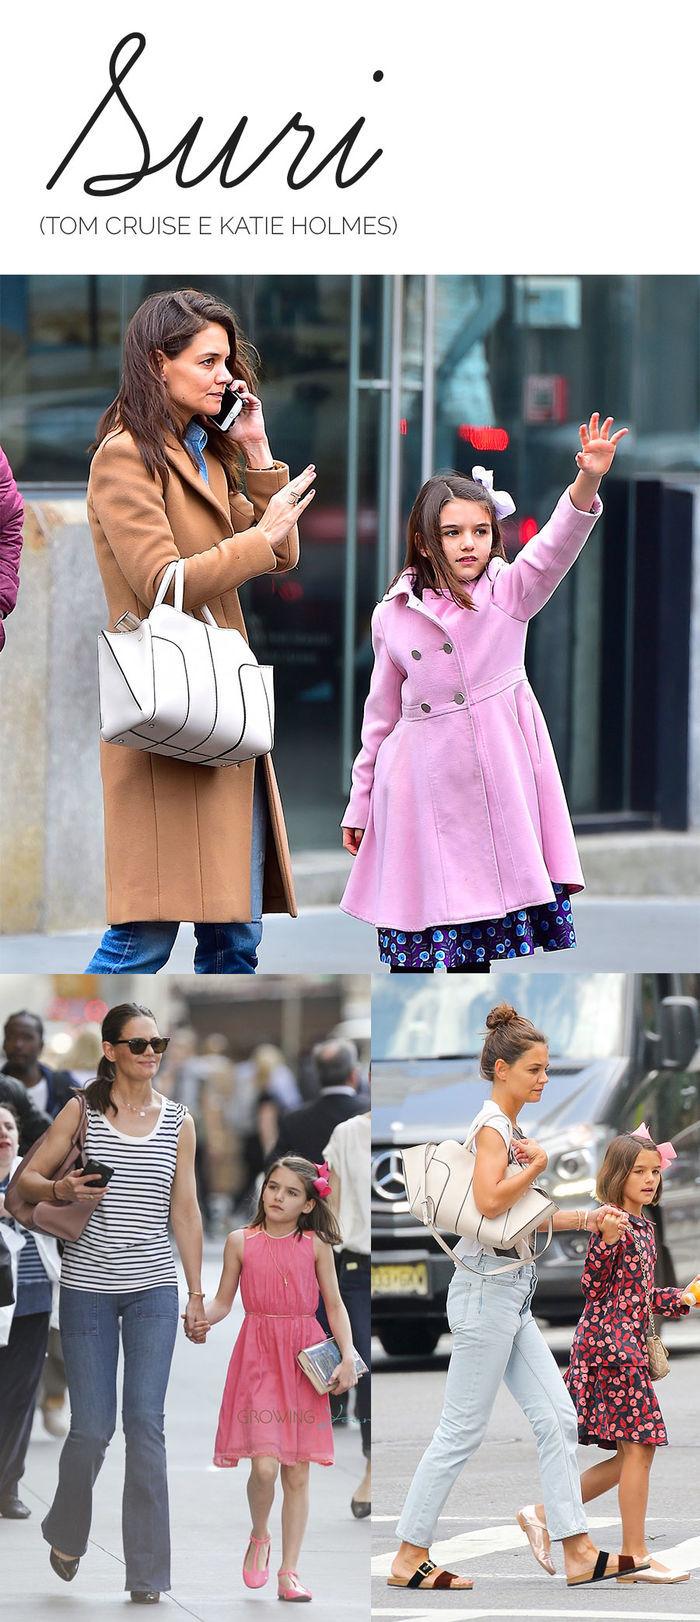 Os filhos mais estilosos das celebs - Suri - Tom Cruise e Katie Holmes